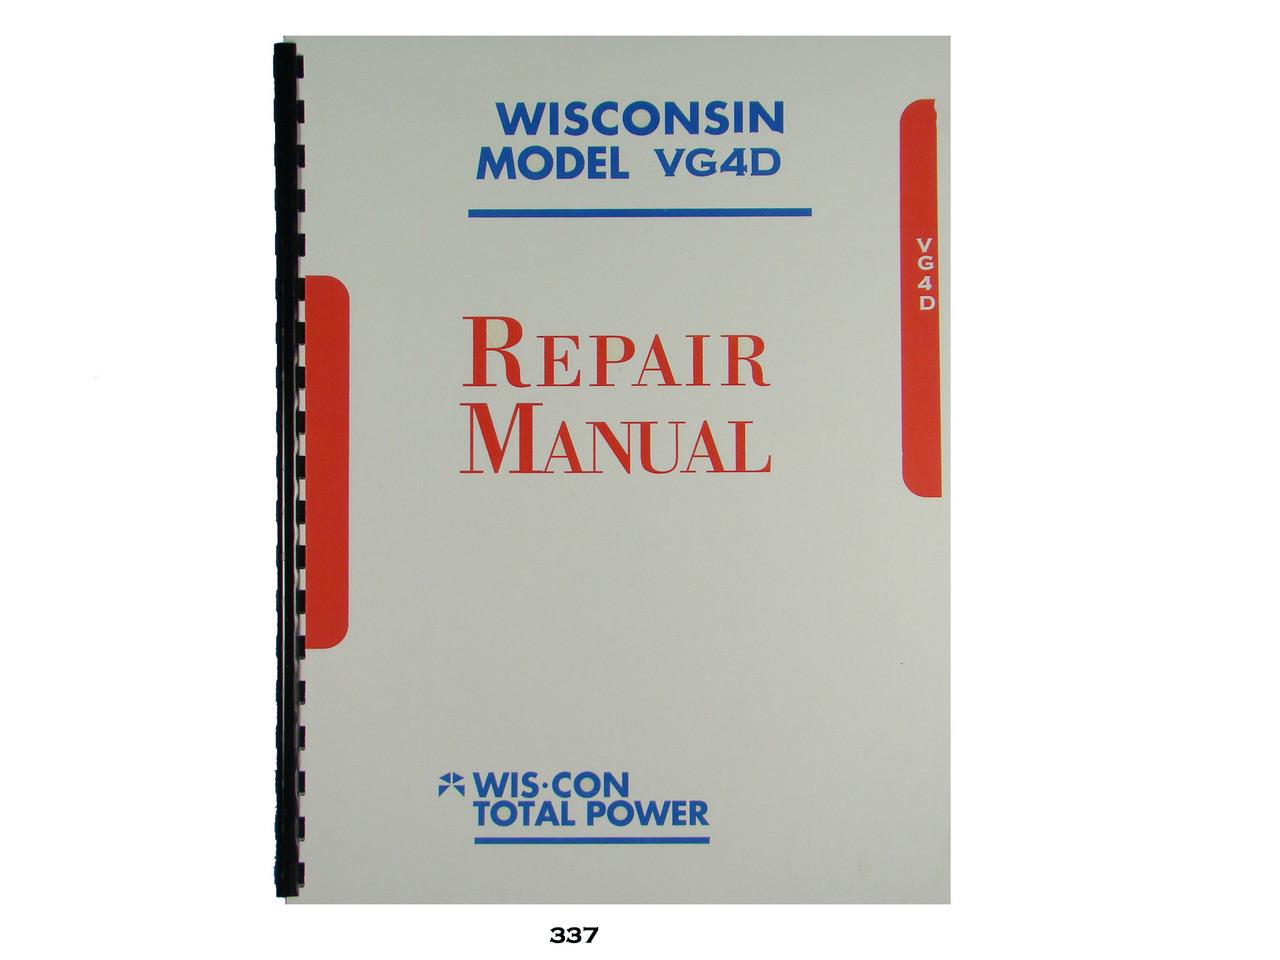 Winconsin vg4d Repair manual